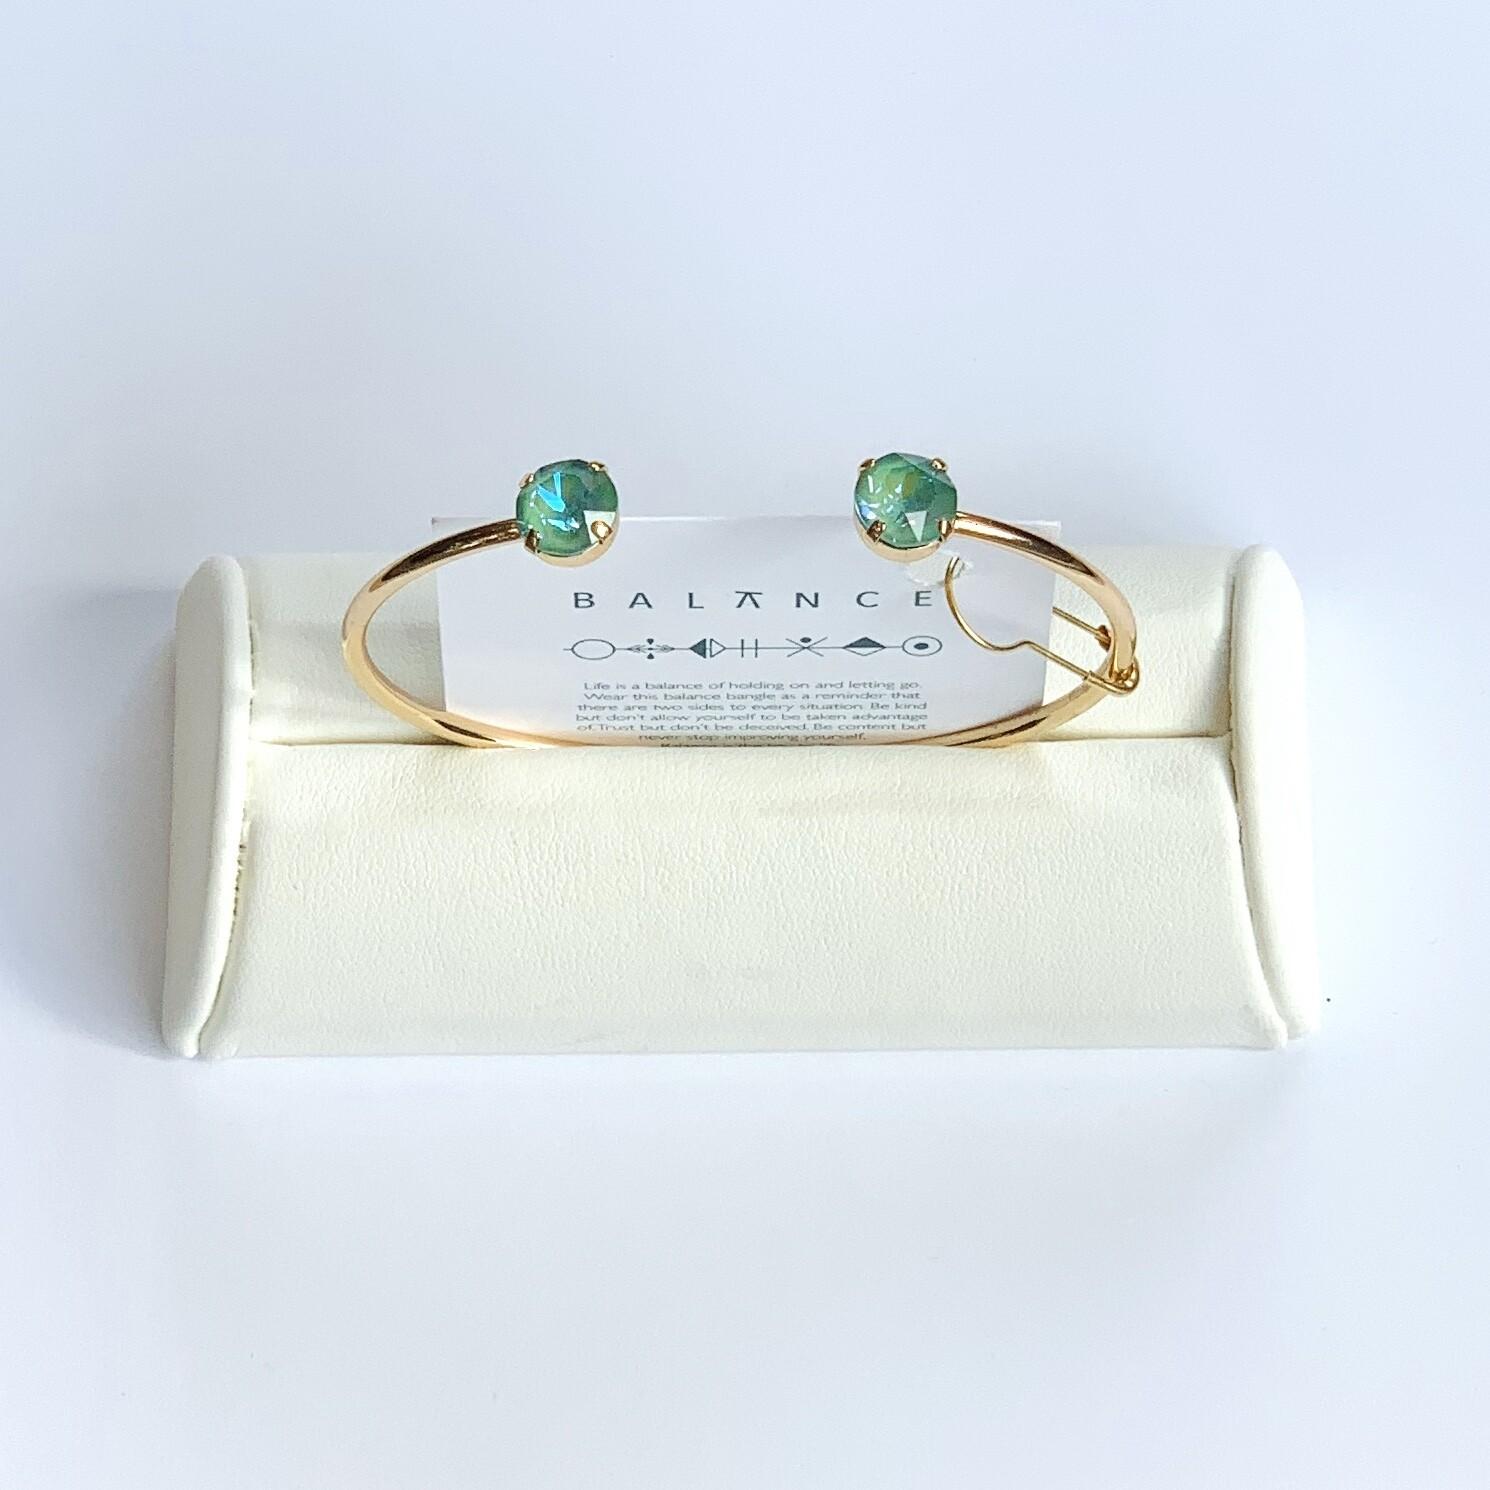 Balance Bracelet Gold/Silky Sage